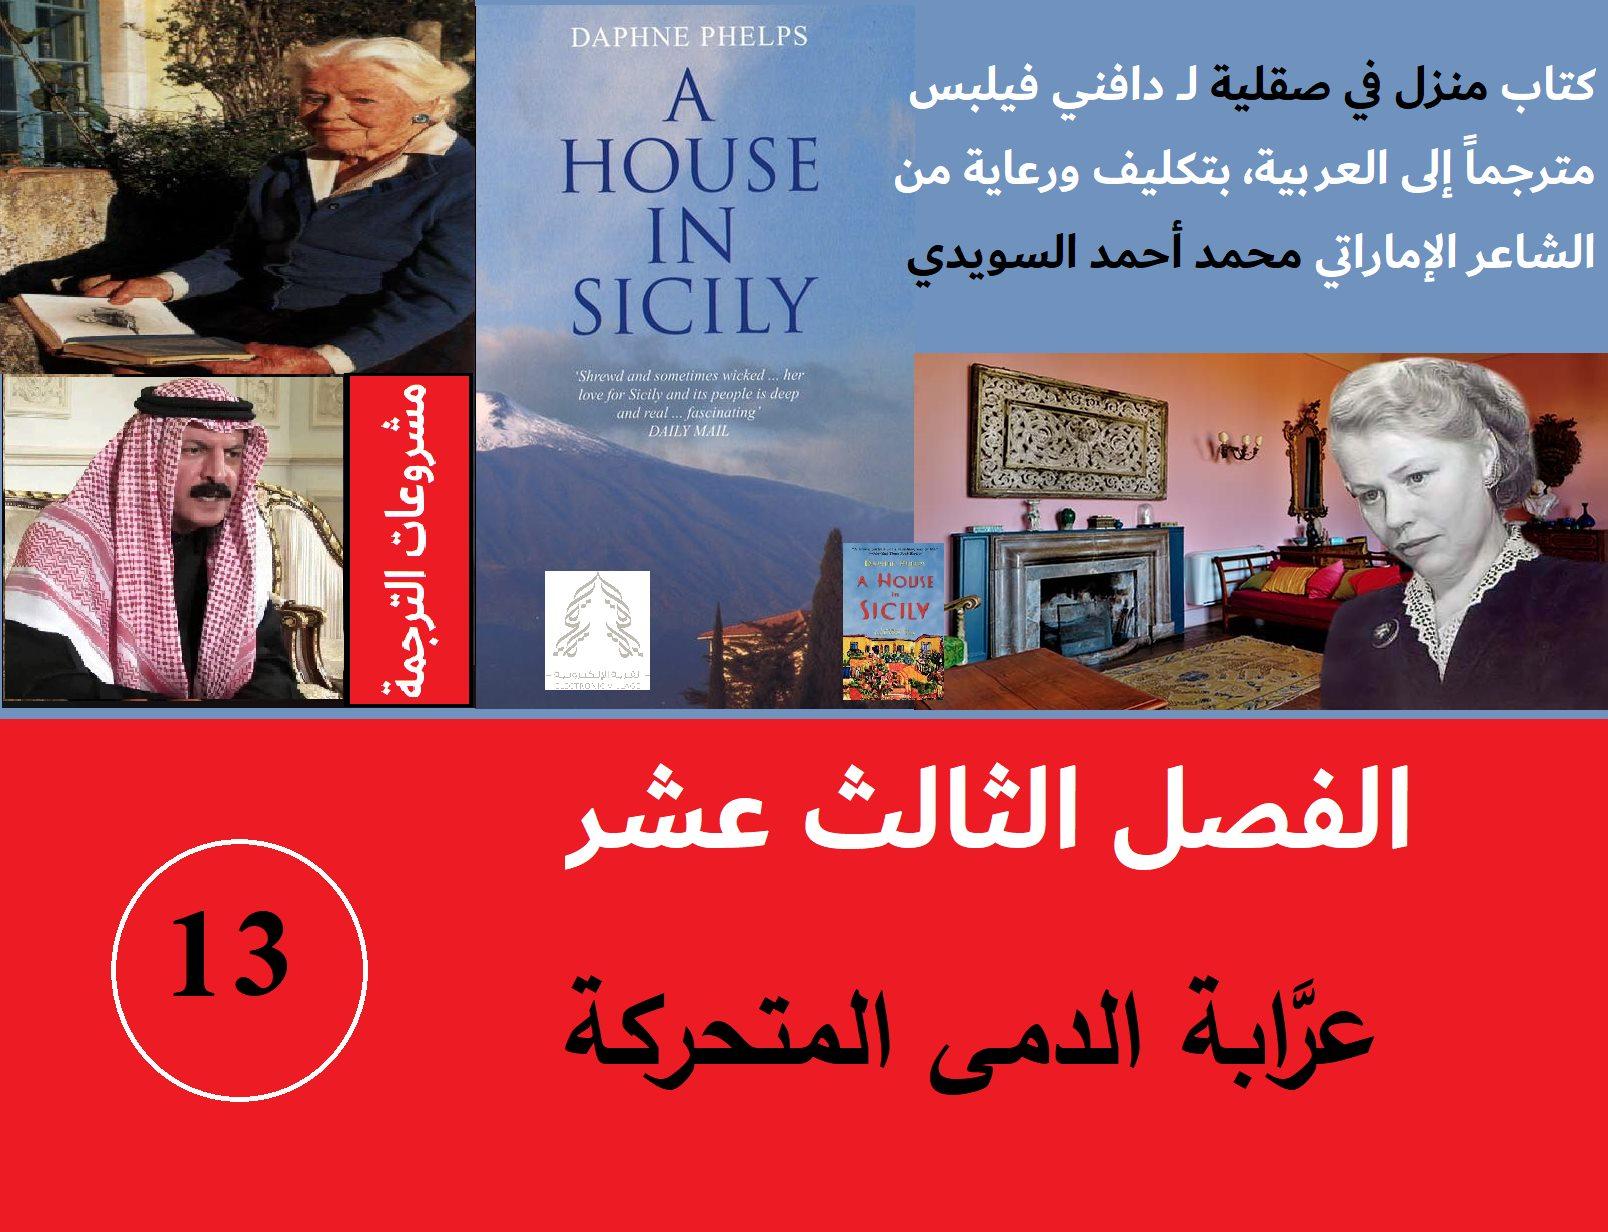 محمد أحمد خليفة السويدي القرية الإلكترونية Spreading